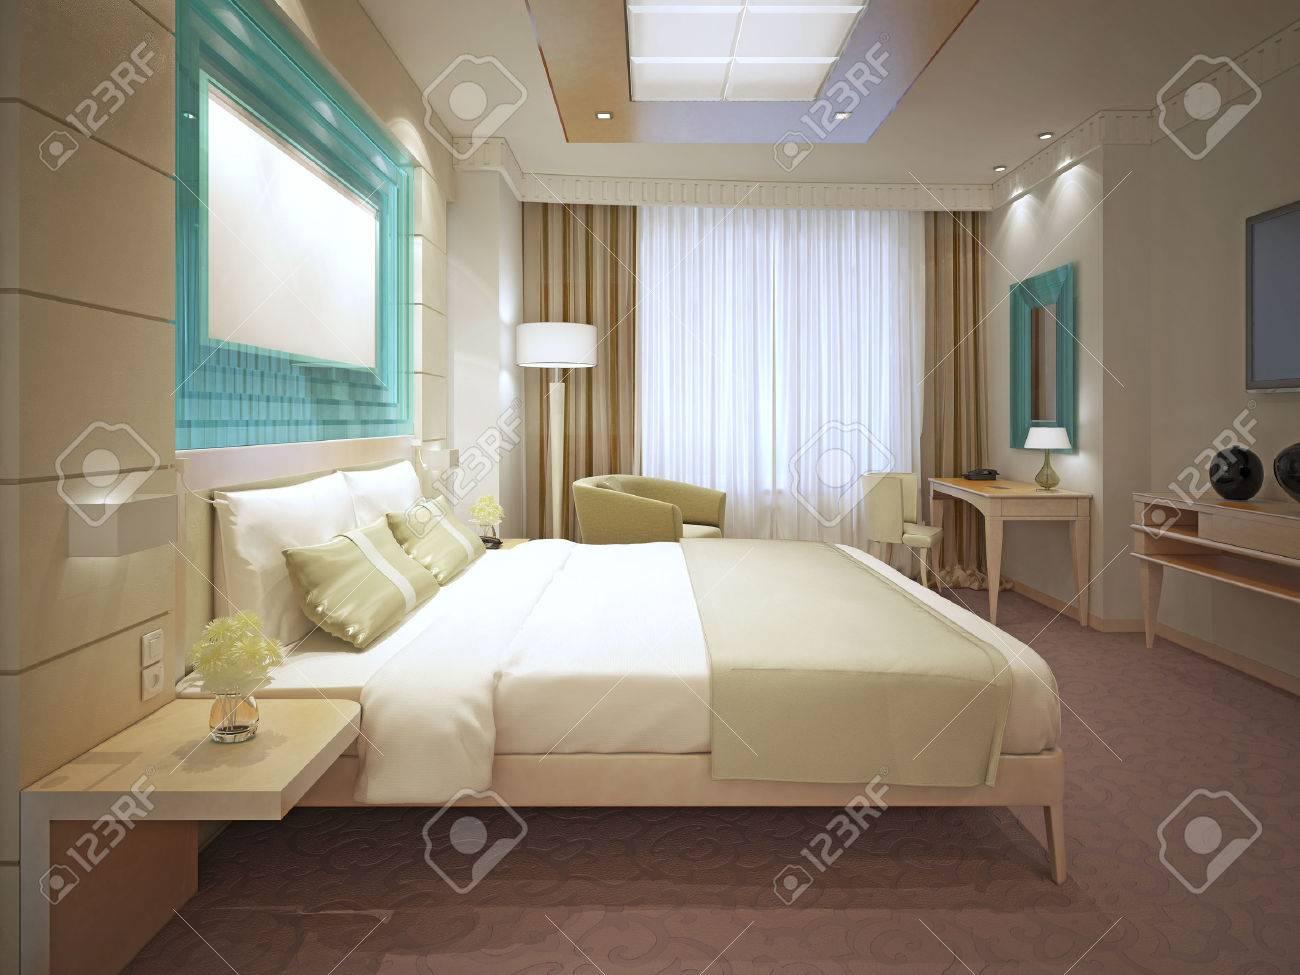 banque dimages elgant tendance chambre principale grand systme de stockage panneled derrire lit plafond suspendu 3d render - Lit Plafond